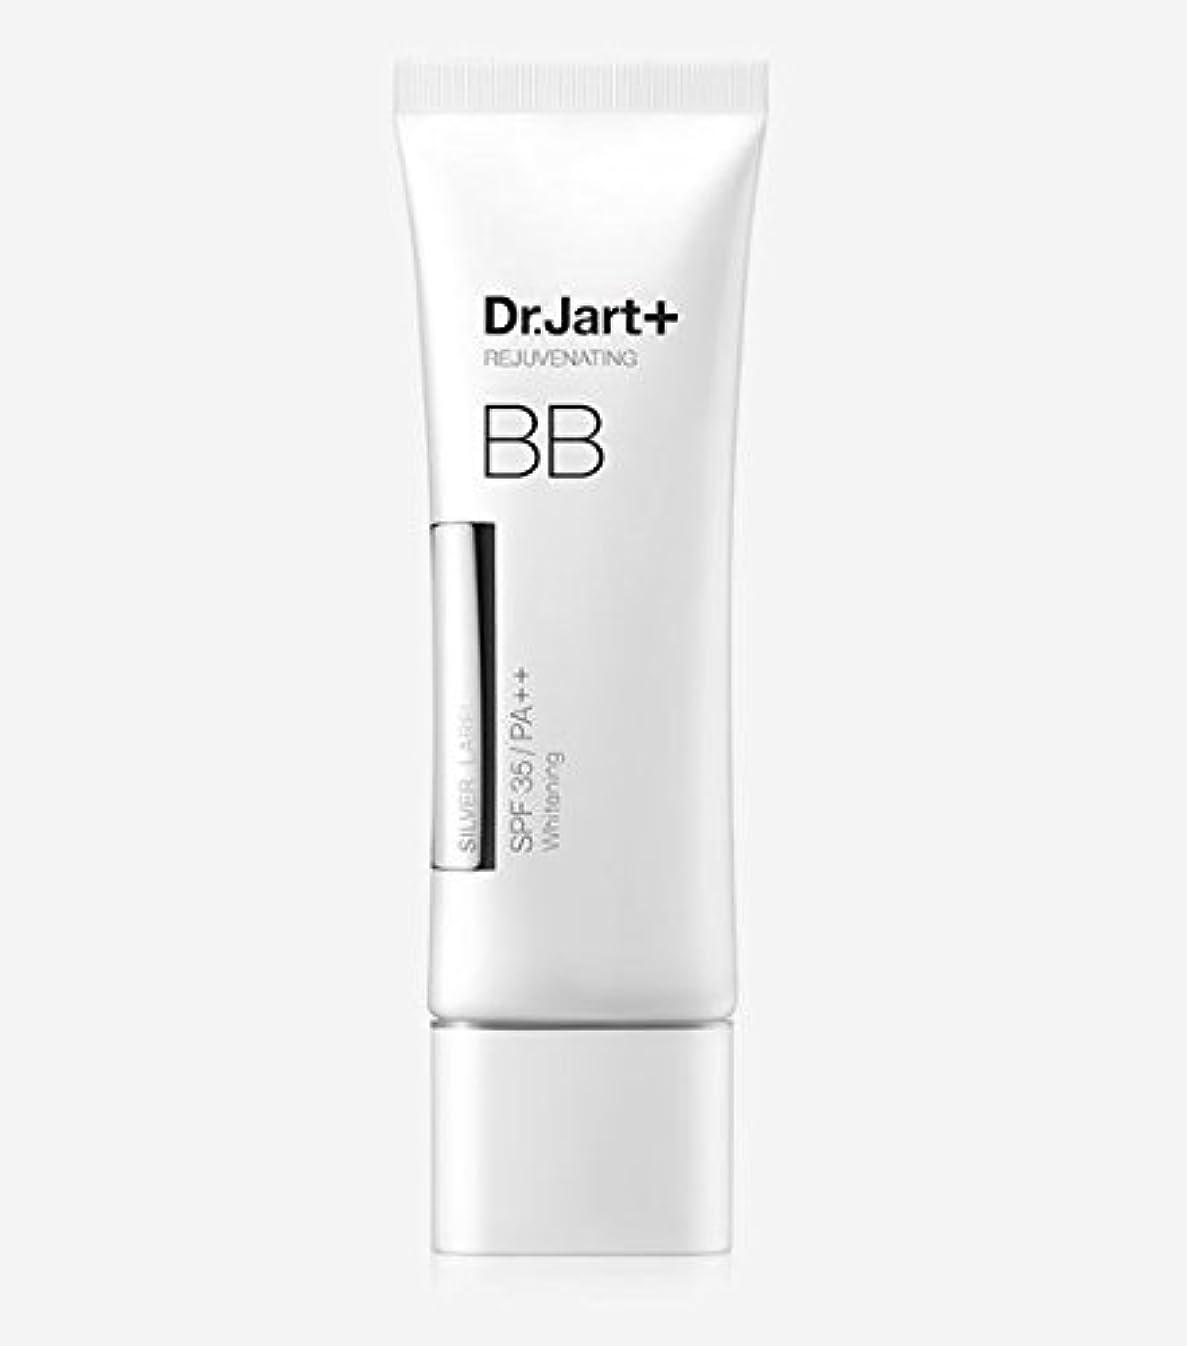 と闘うライナー超音速[Dr. Jart] Silver Label BB Rejuvenating Beauty Balm 50ml SPF35 PA++/[ドクタージャルト] シルバーラベル BB リジュビネイティング ビューティー バーム...